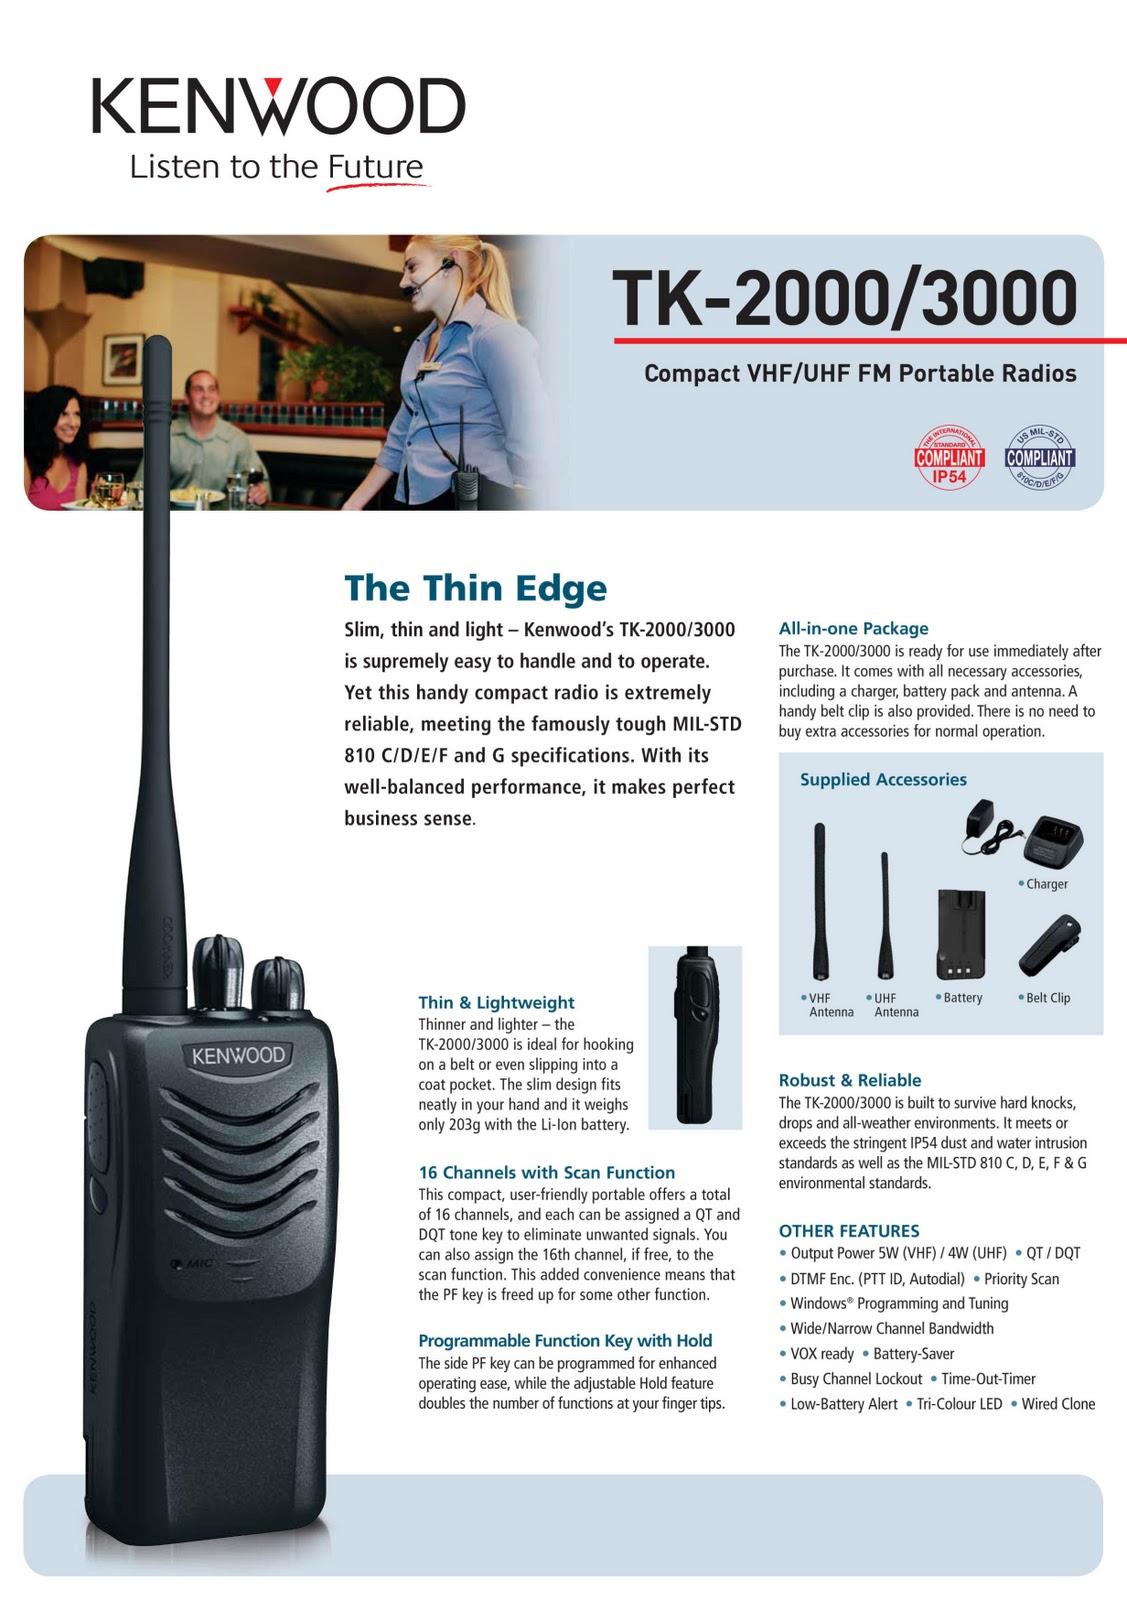 KENWOOD TK 2000 (VHF ) TK 3000 (UHF)